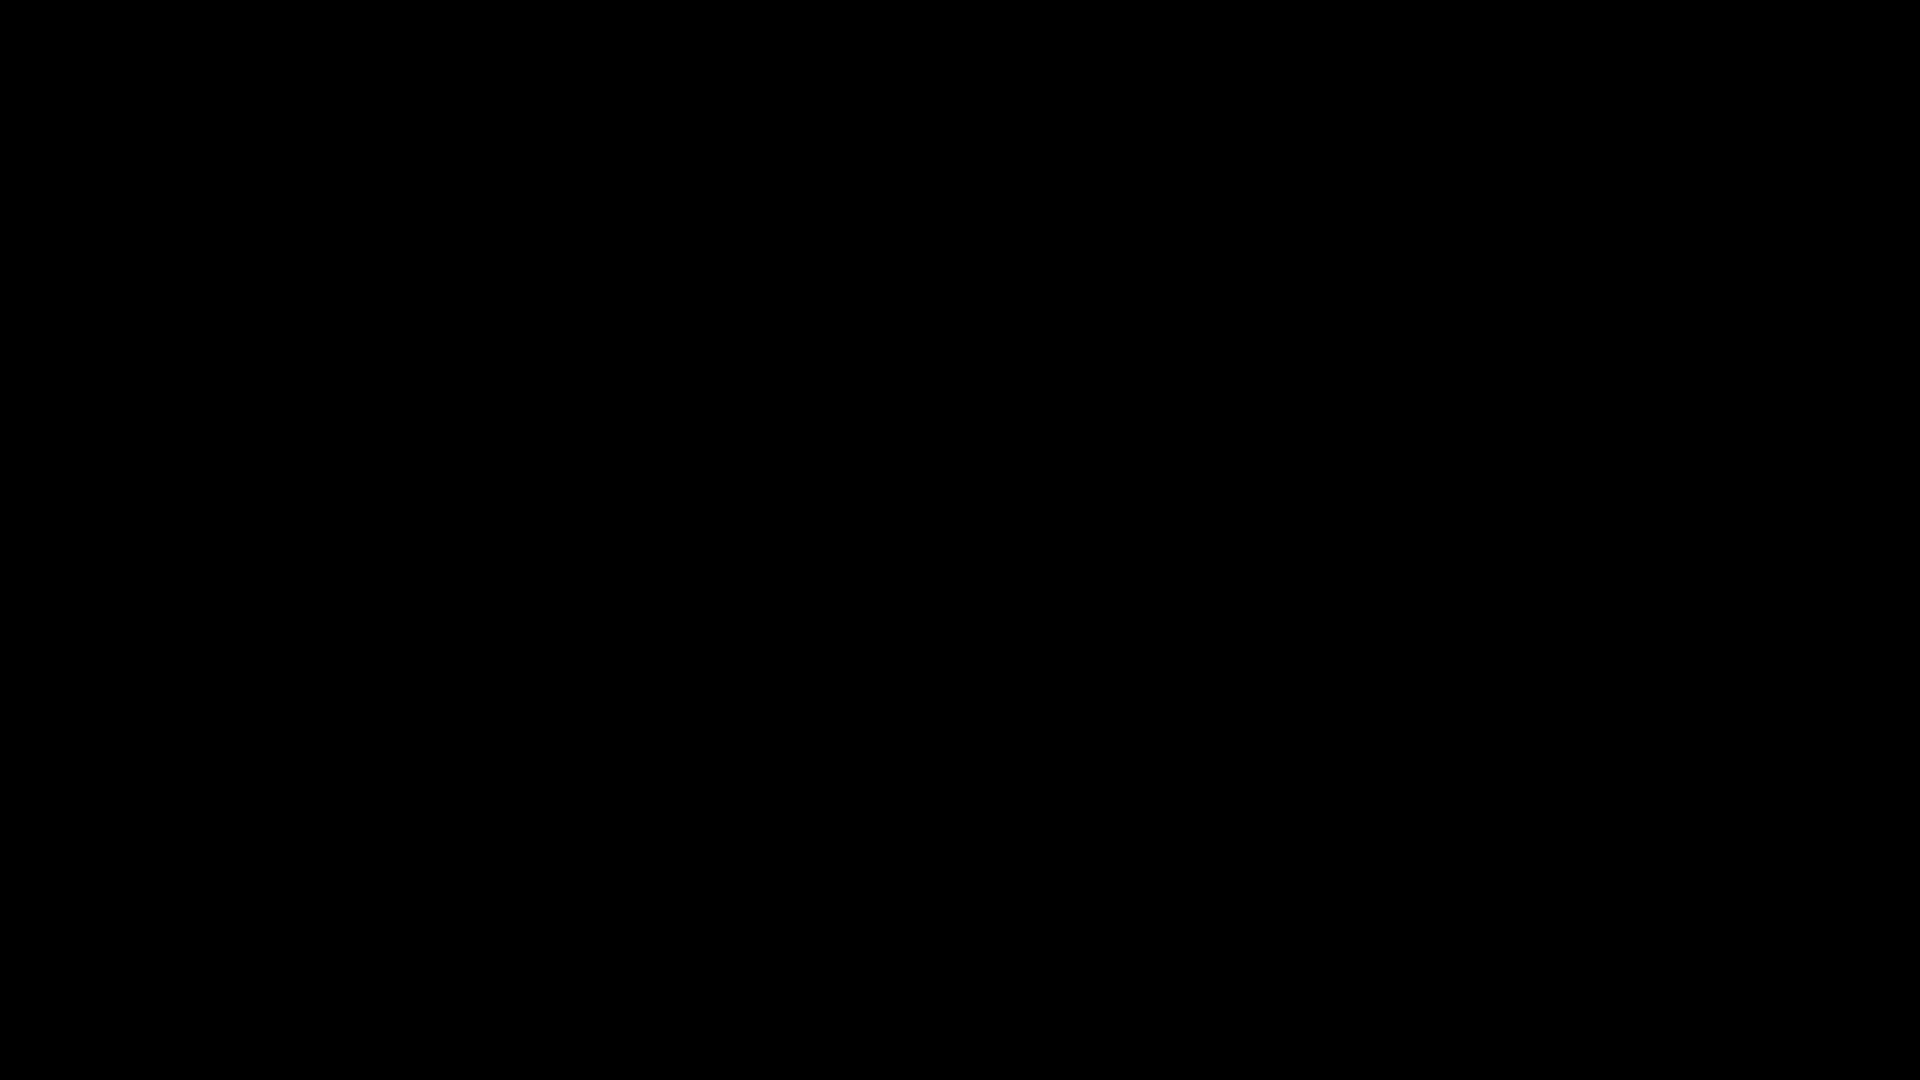 元気いっぱいノリノリ系なB子23歳(仮名)Vol.03 イチャイチャSEX後編 カップルのsex ぱこり動画紹介 90枚 16